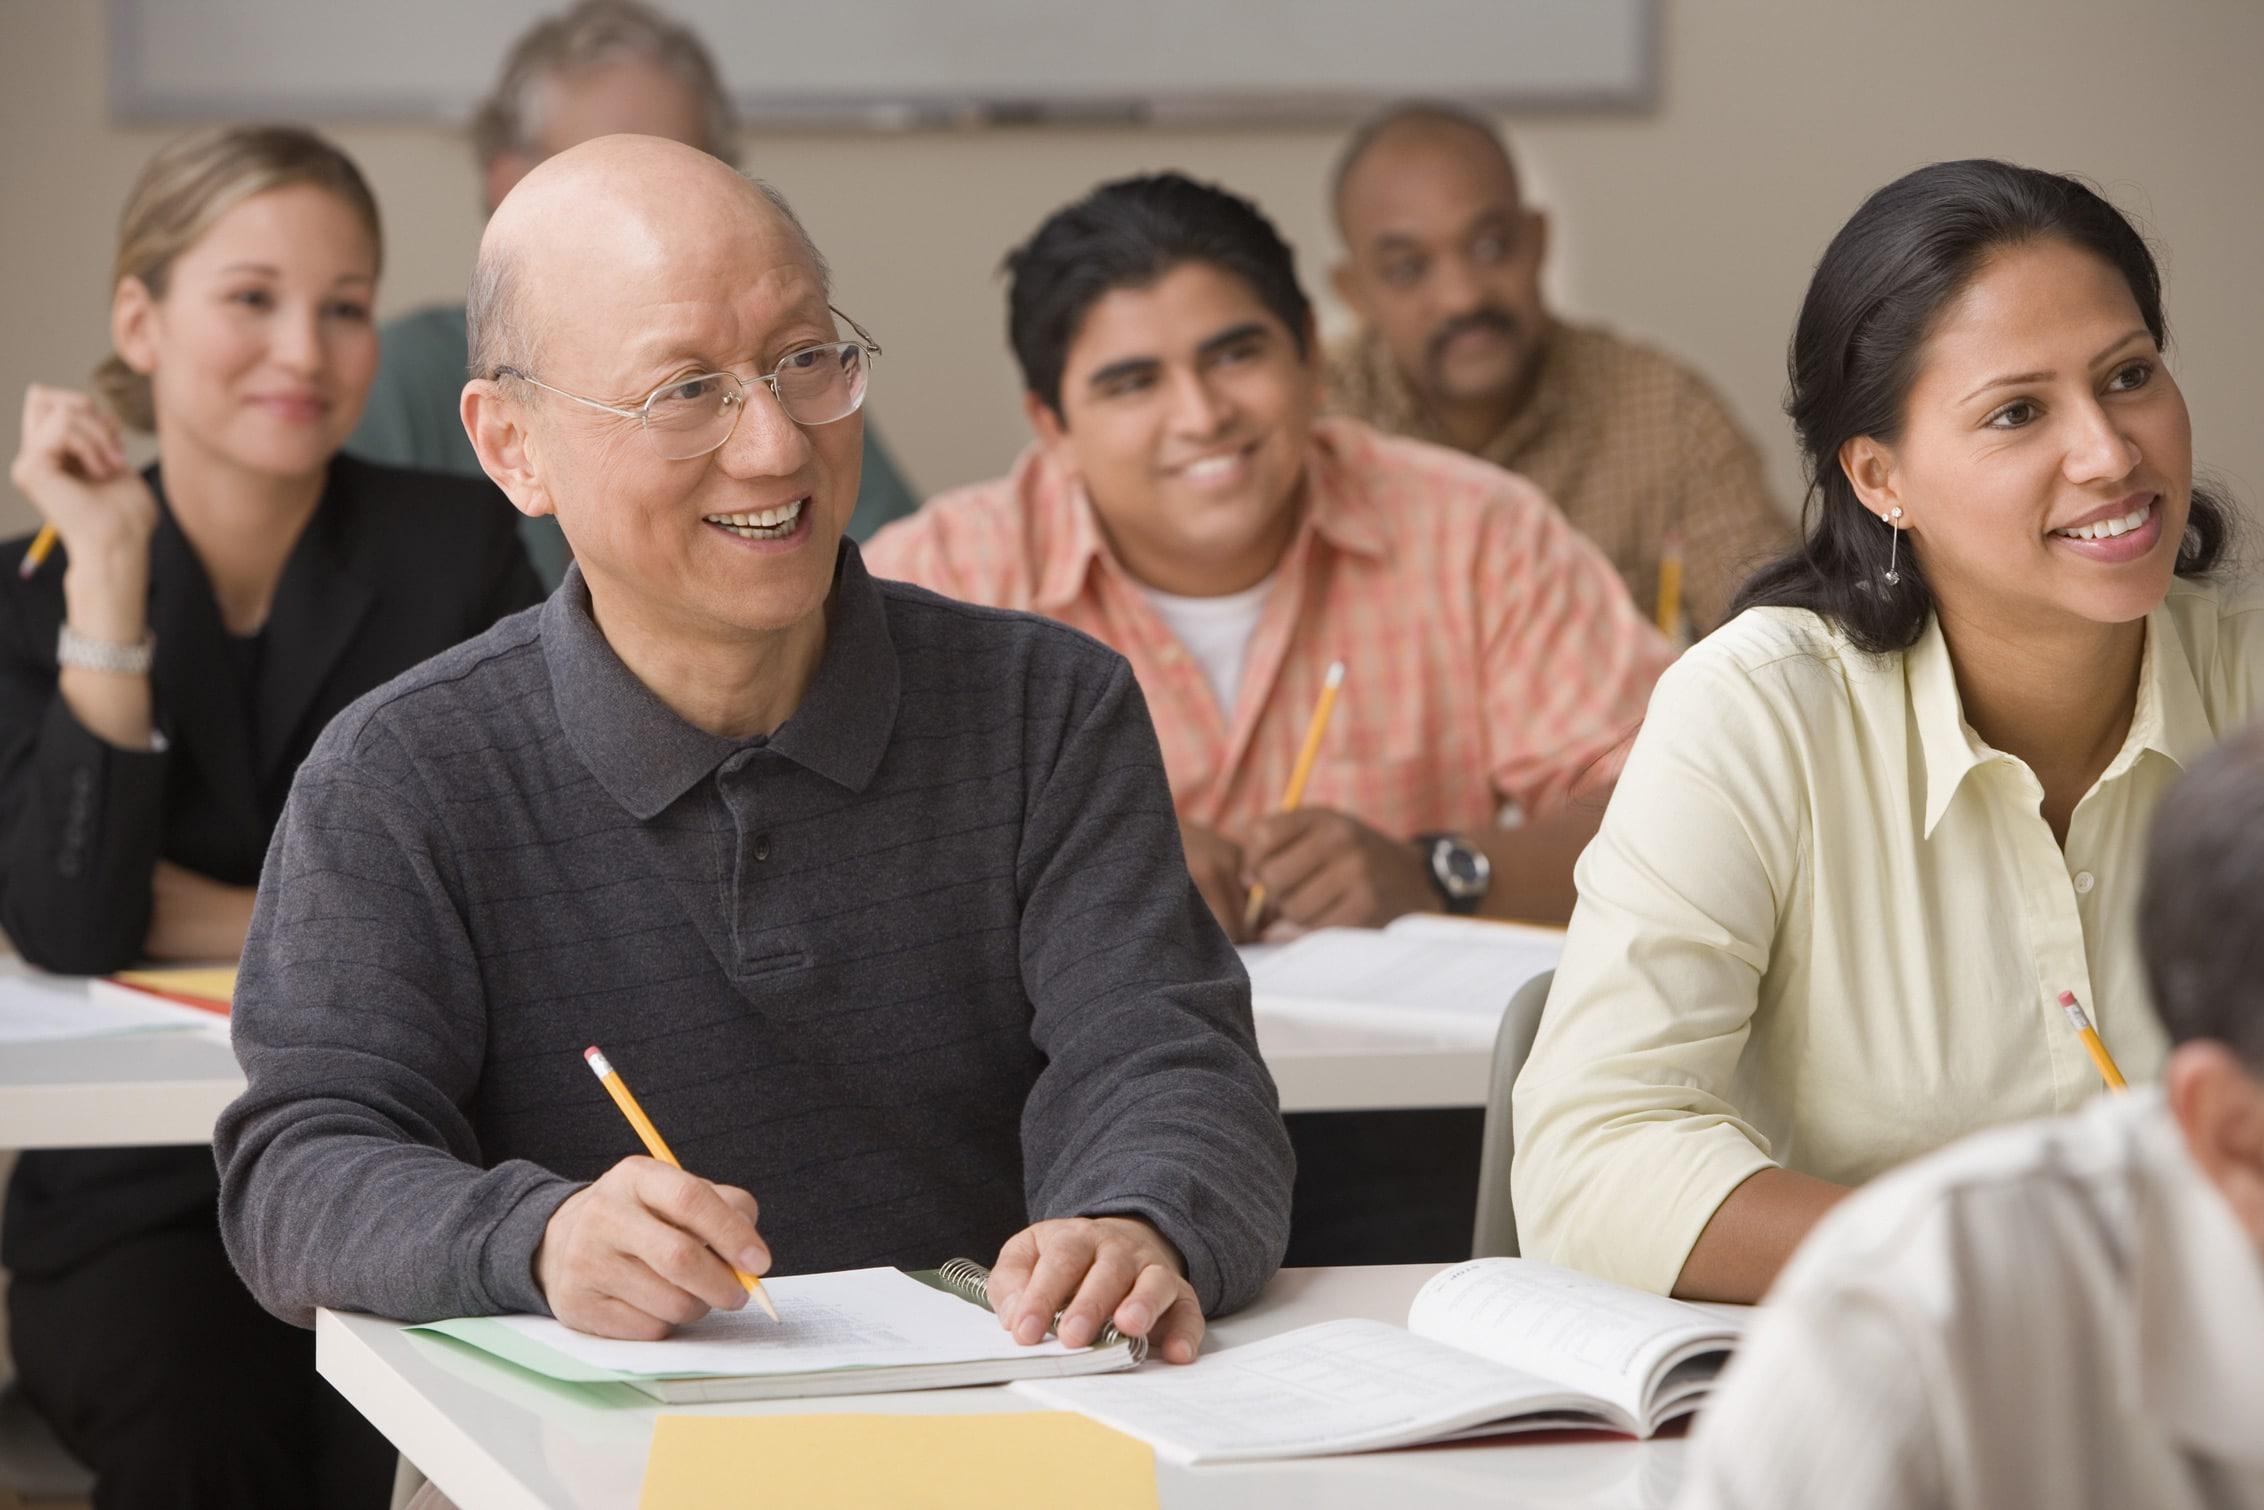 Comment suivre une formation adaptée à votre profile et répondant à vos attentes